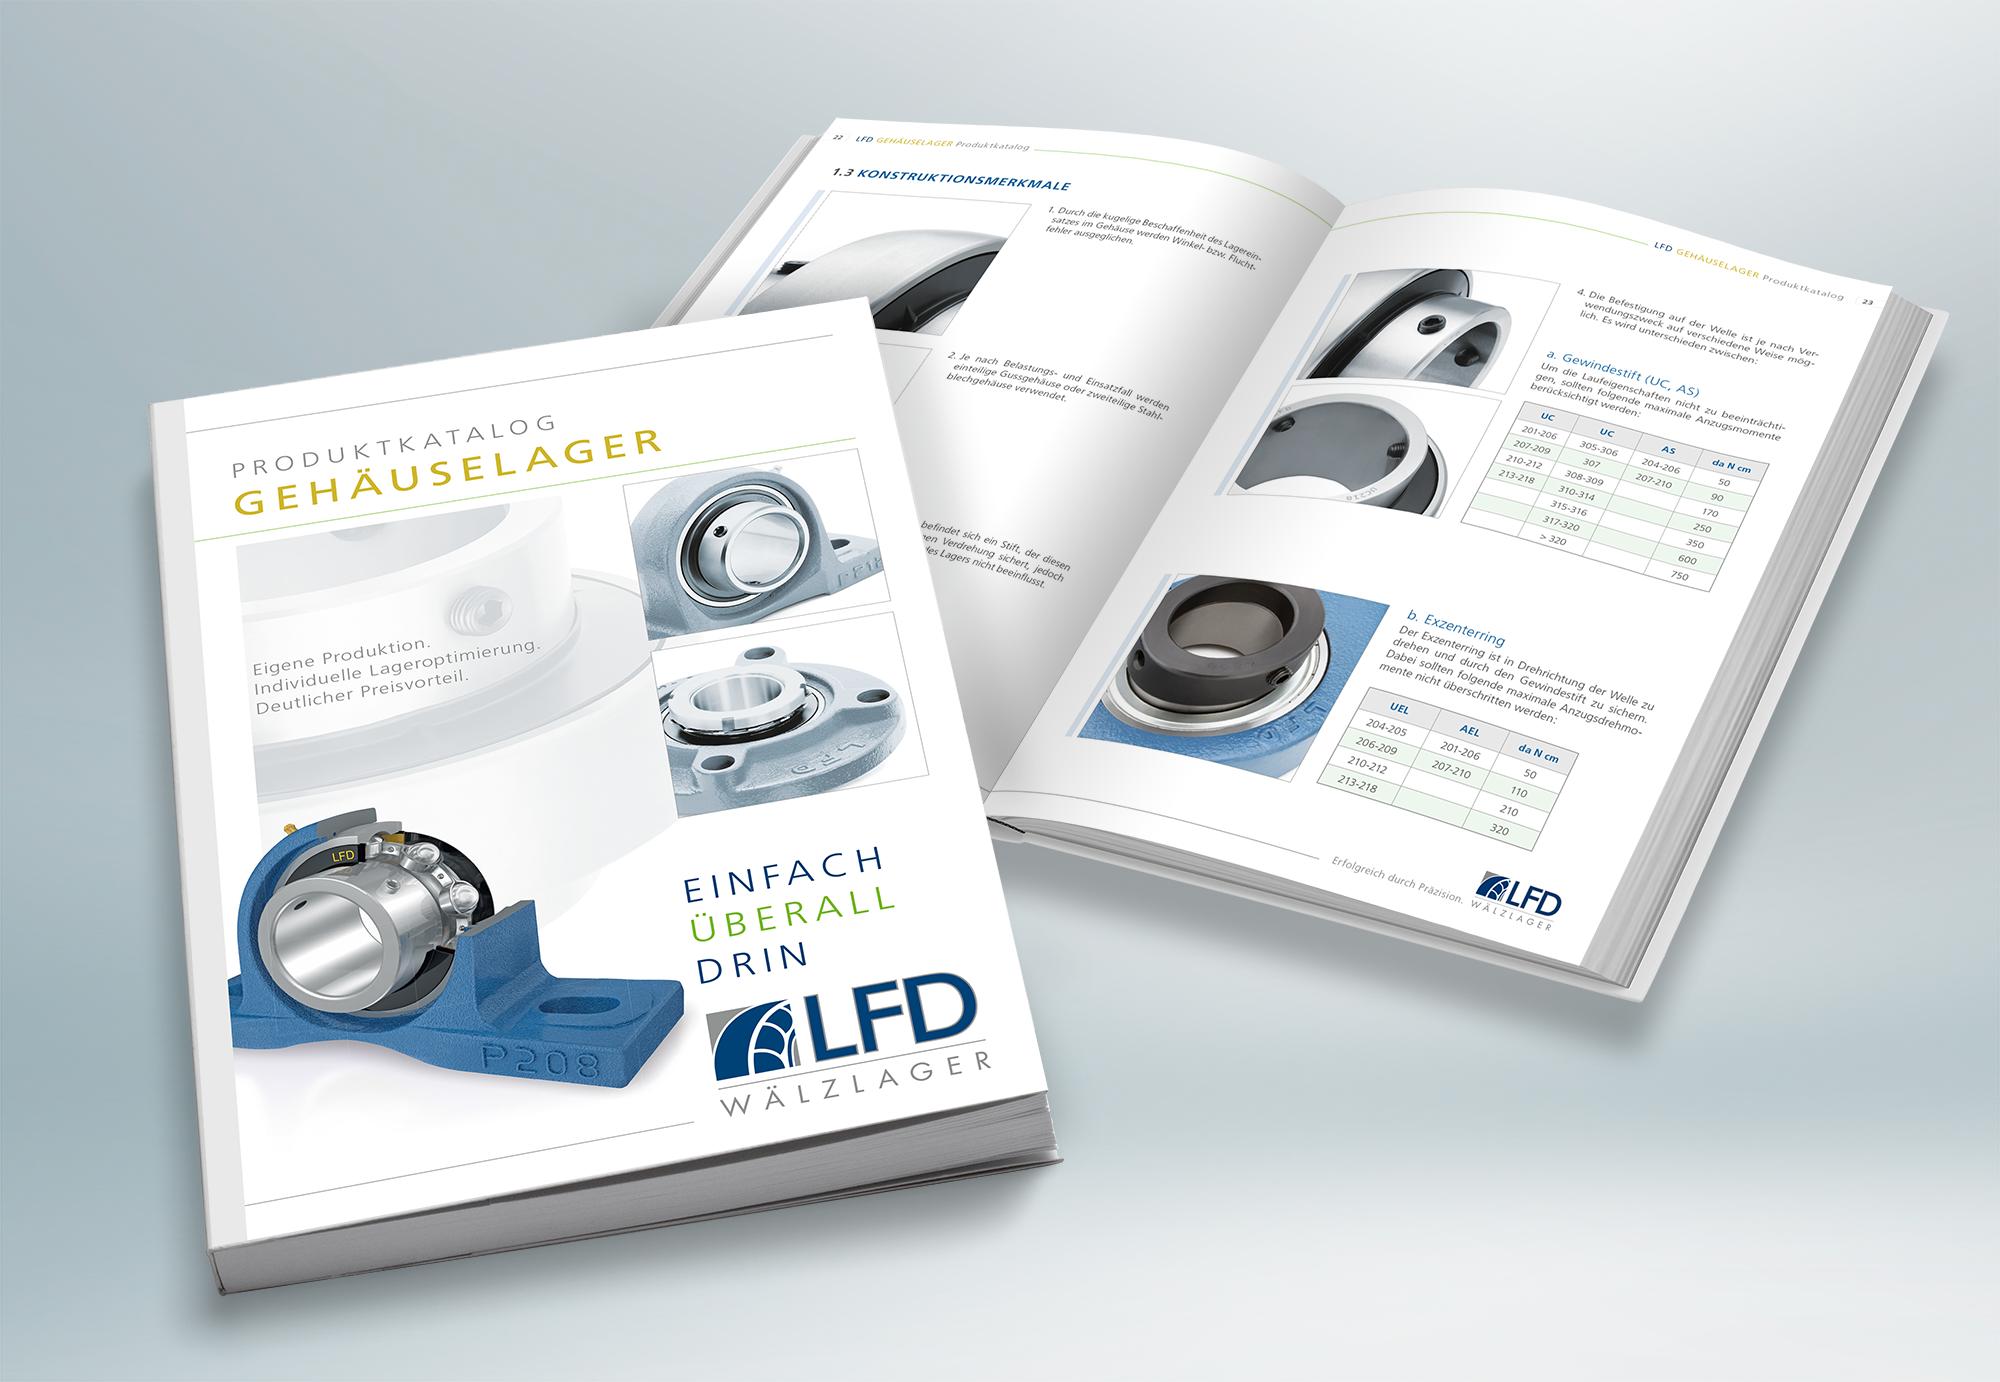 Geh uselager katalog for Design katalog